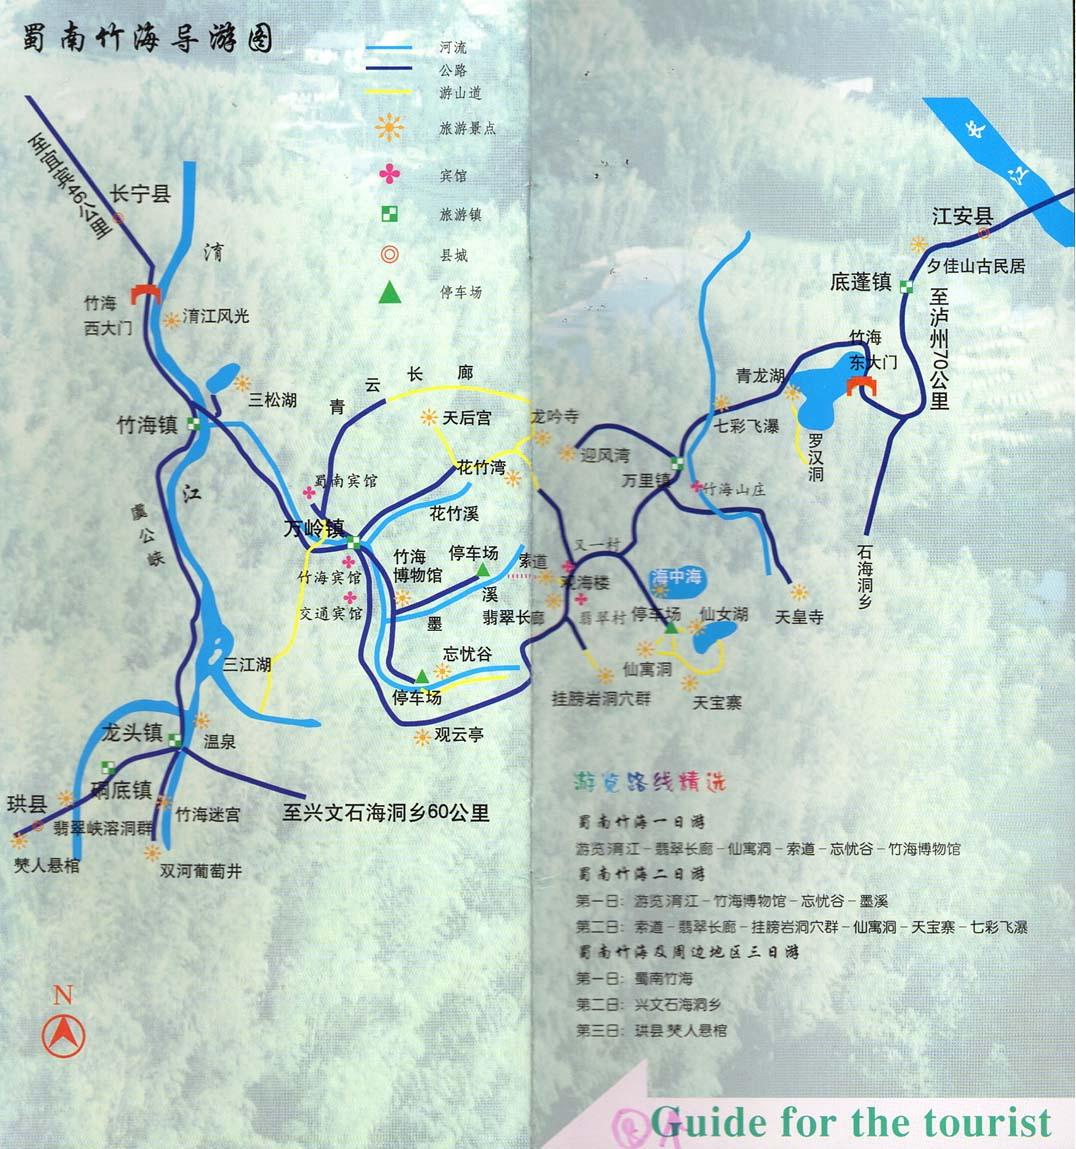 旅游指南--蜀南竹海景区导游地图